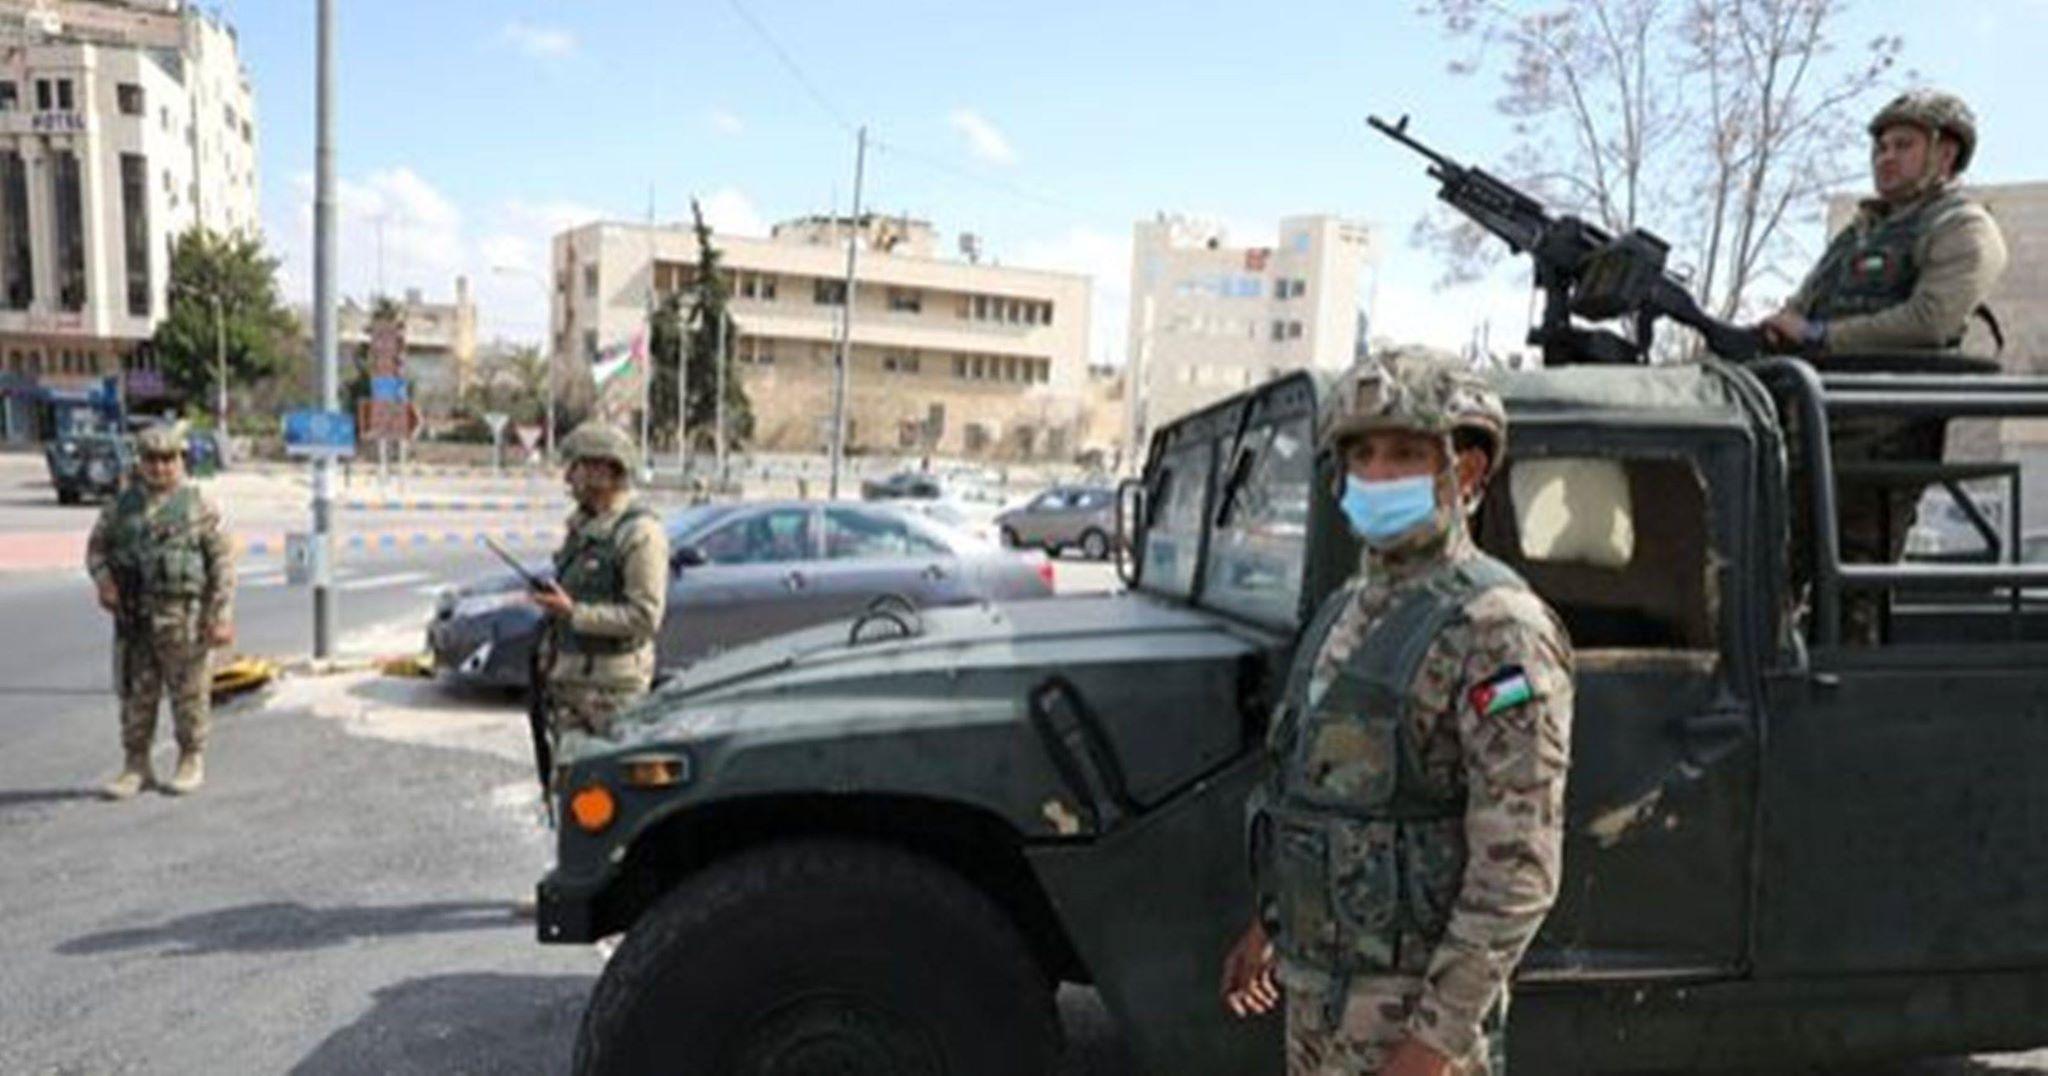 الأردن تحبط عملا إرهابيا لاستهداف كنيسة وسط عمان